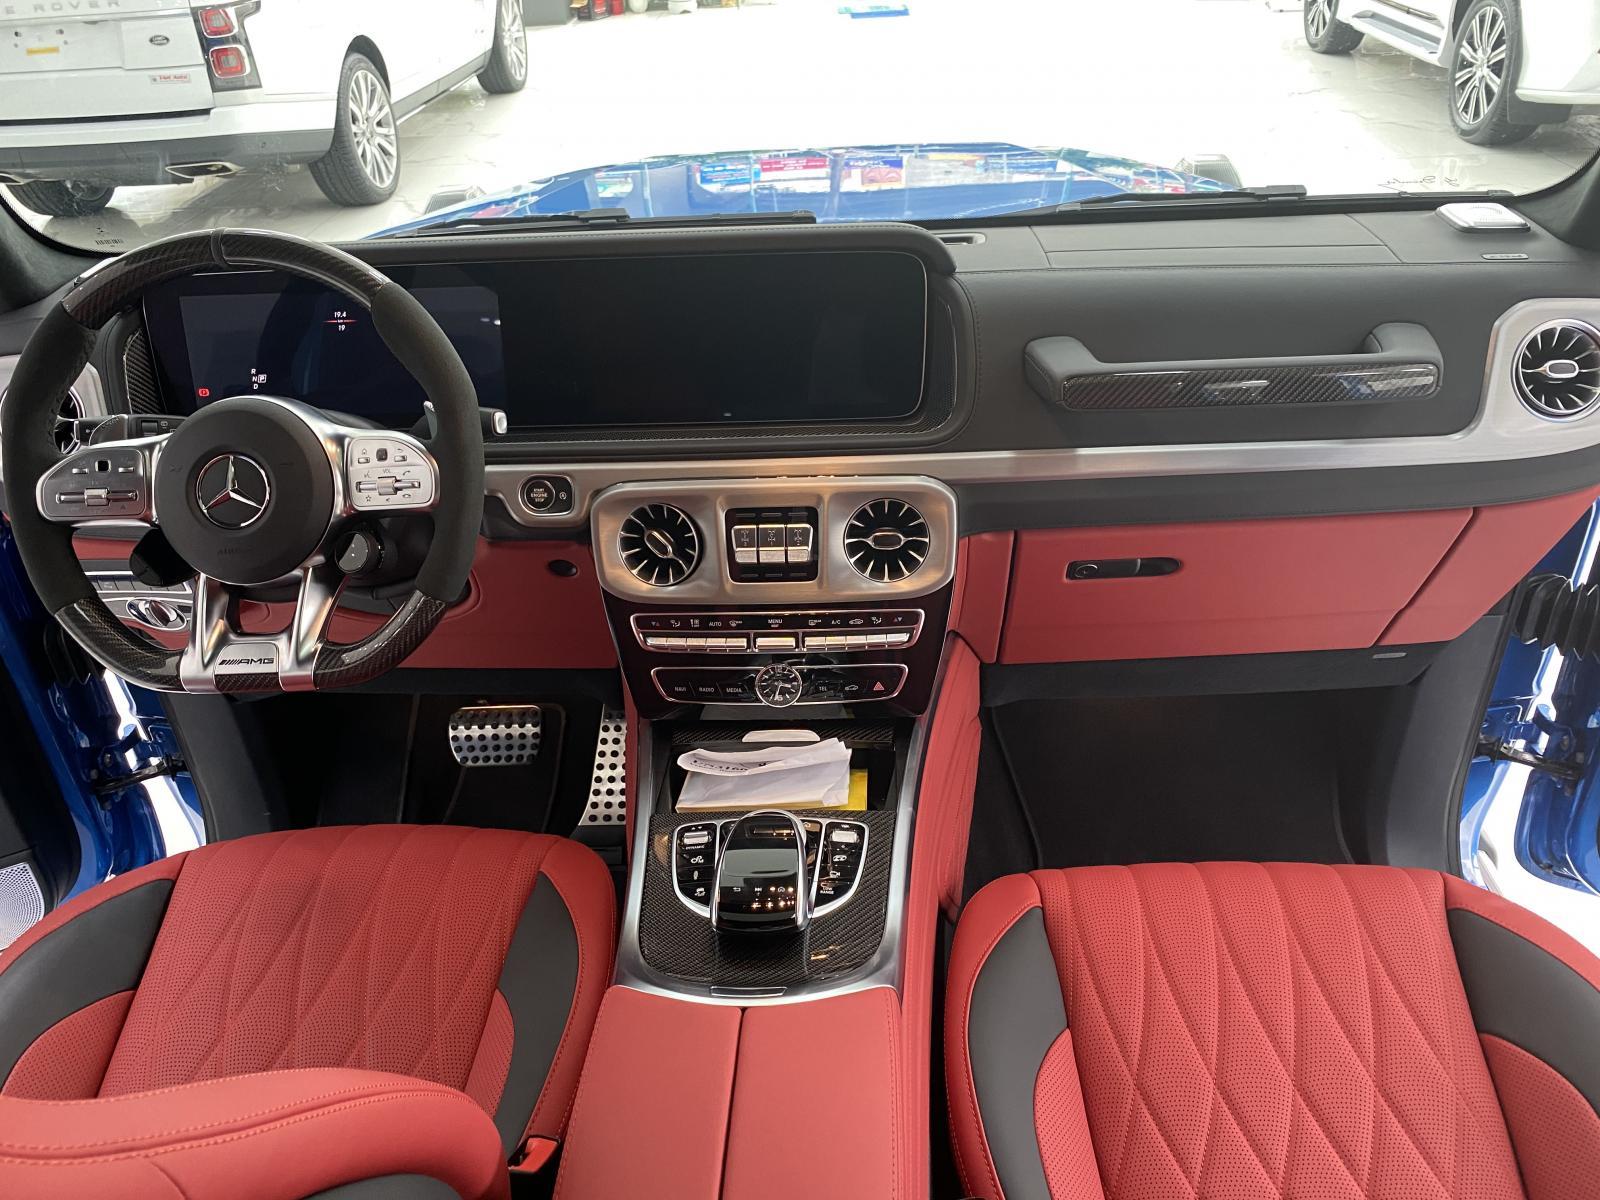 Bán xe Mercedes Benz G63 AMG sản xuất năm 2021, xe giao ngay